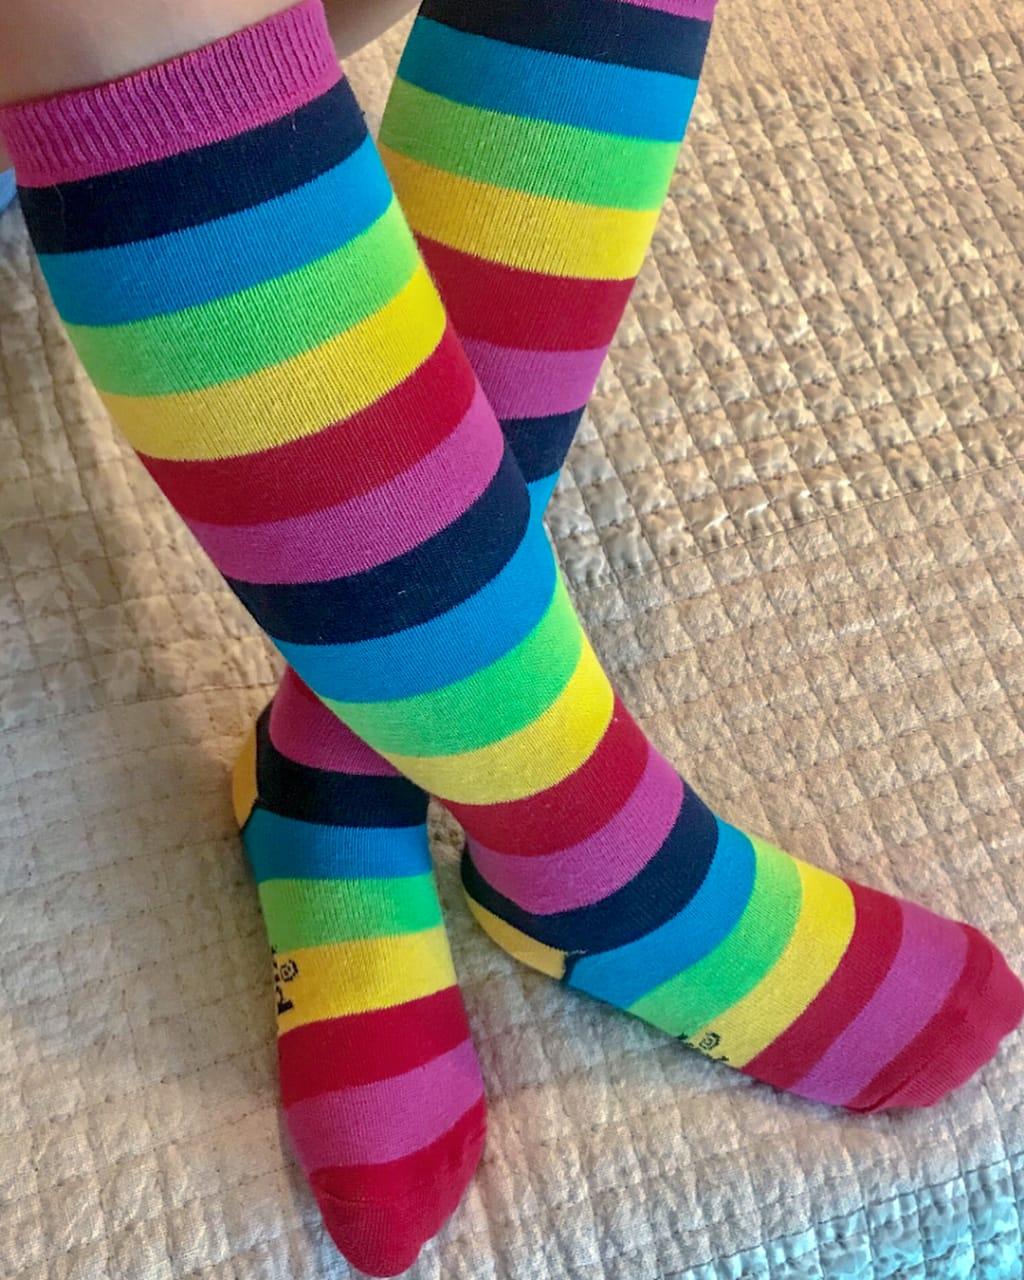 Meia 3/4 Arco-íris - Listrada Kidsplash!